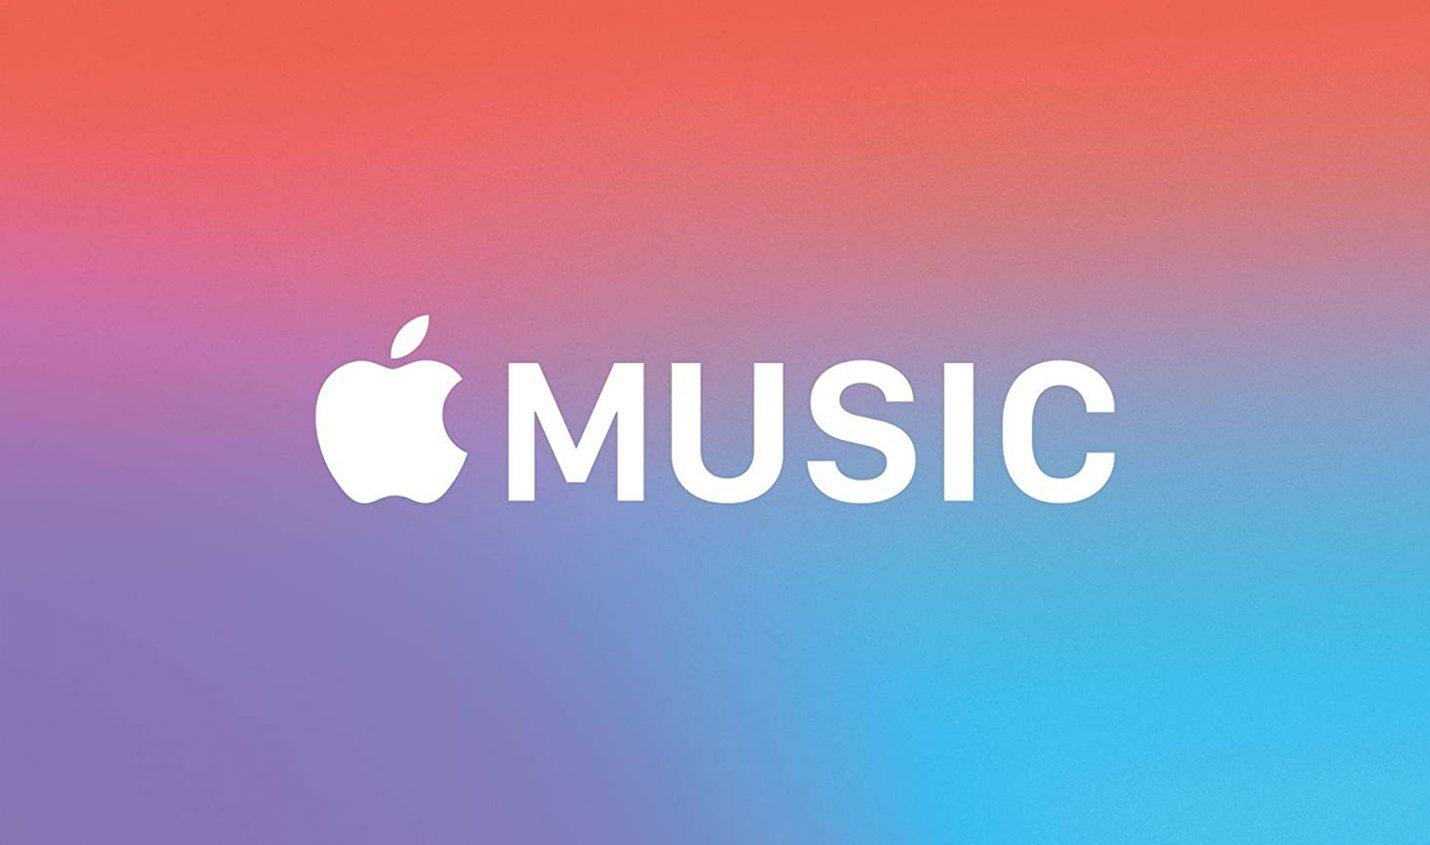 Apple Music will mit der Integration von Shazam DJ-Sets monetarisieren